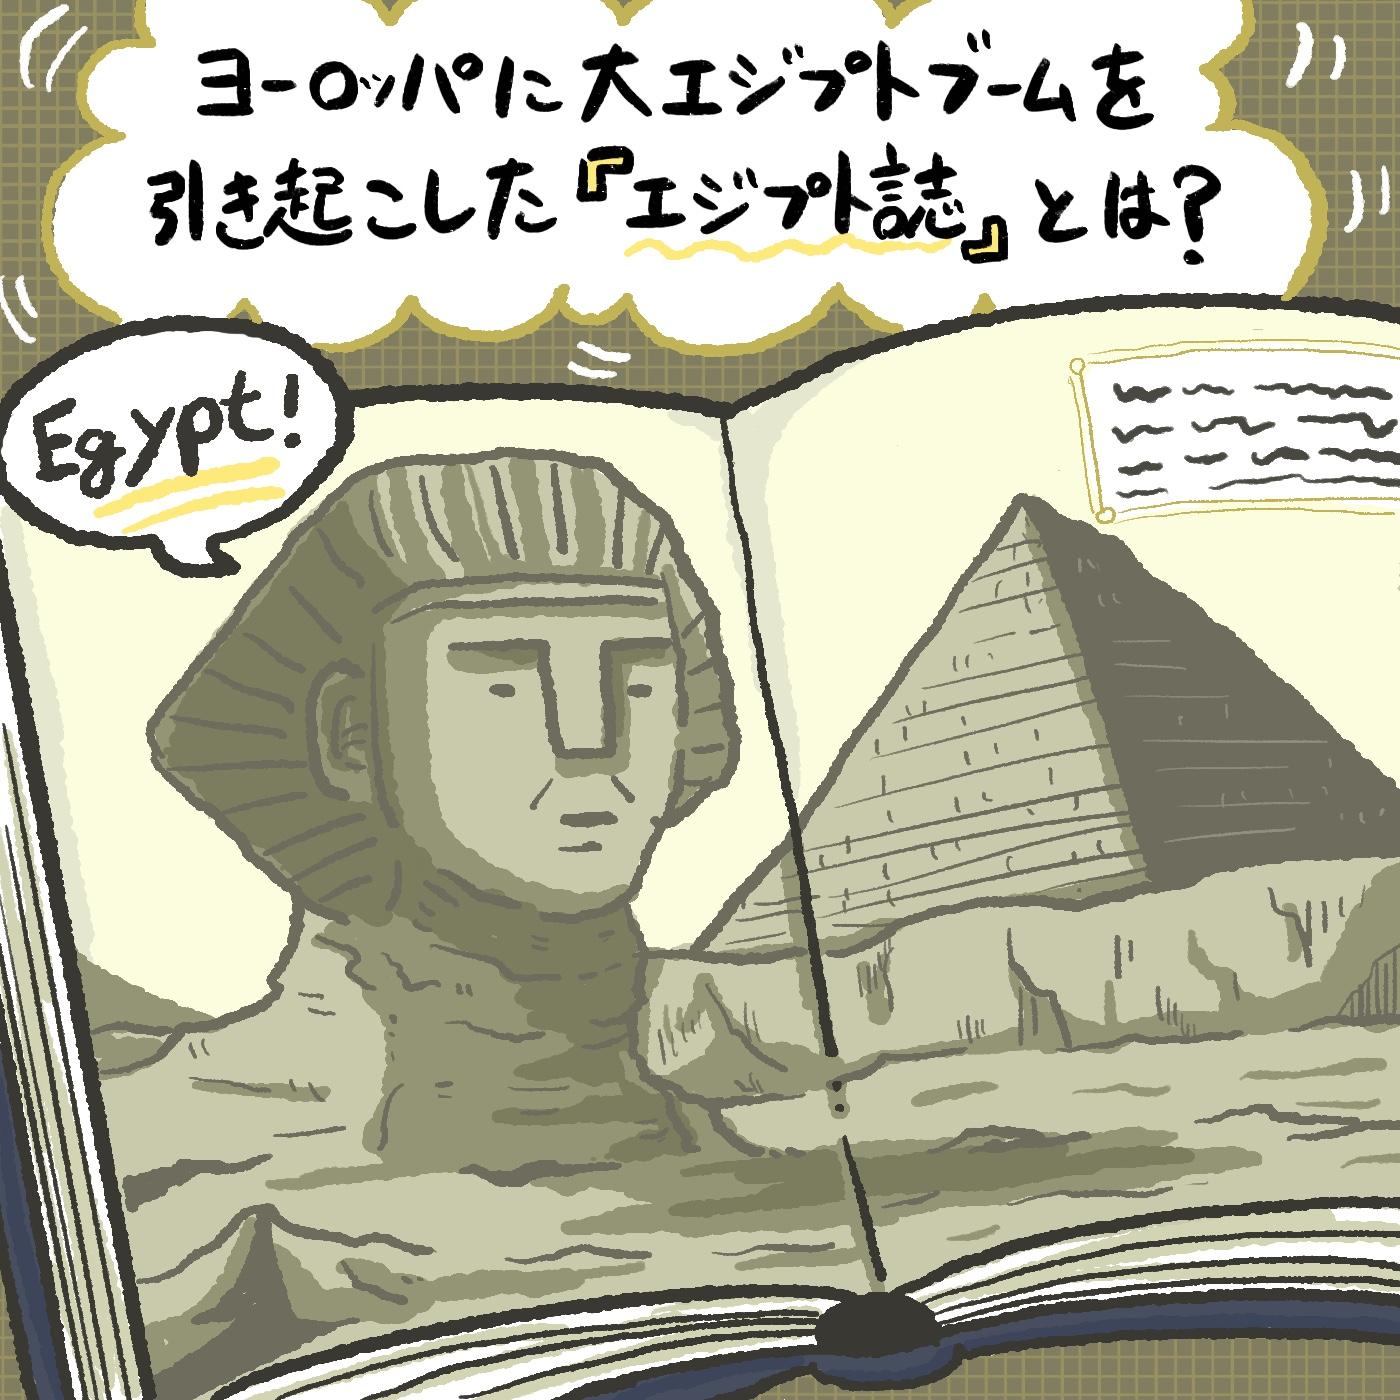 OBIKAKE ナニソレ エジプト誌 藤野遼太